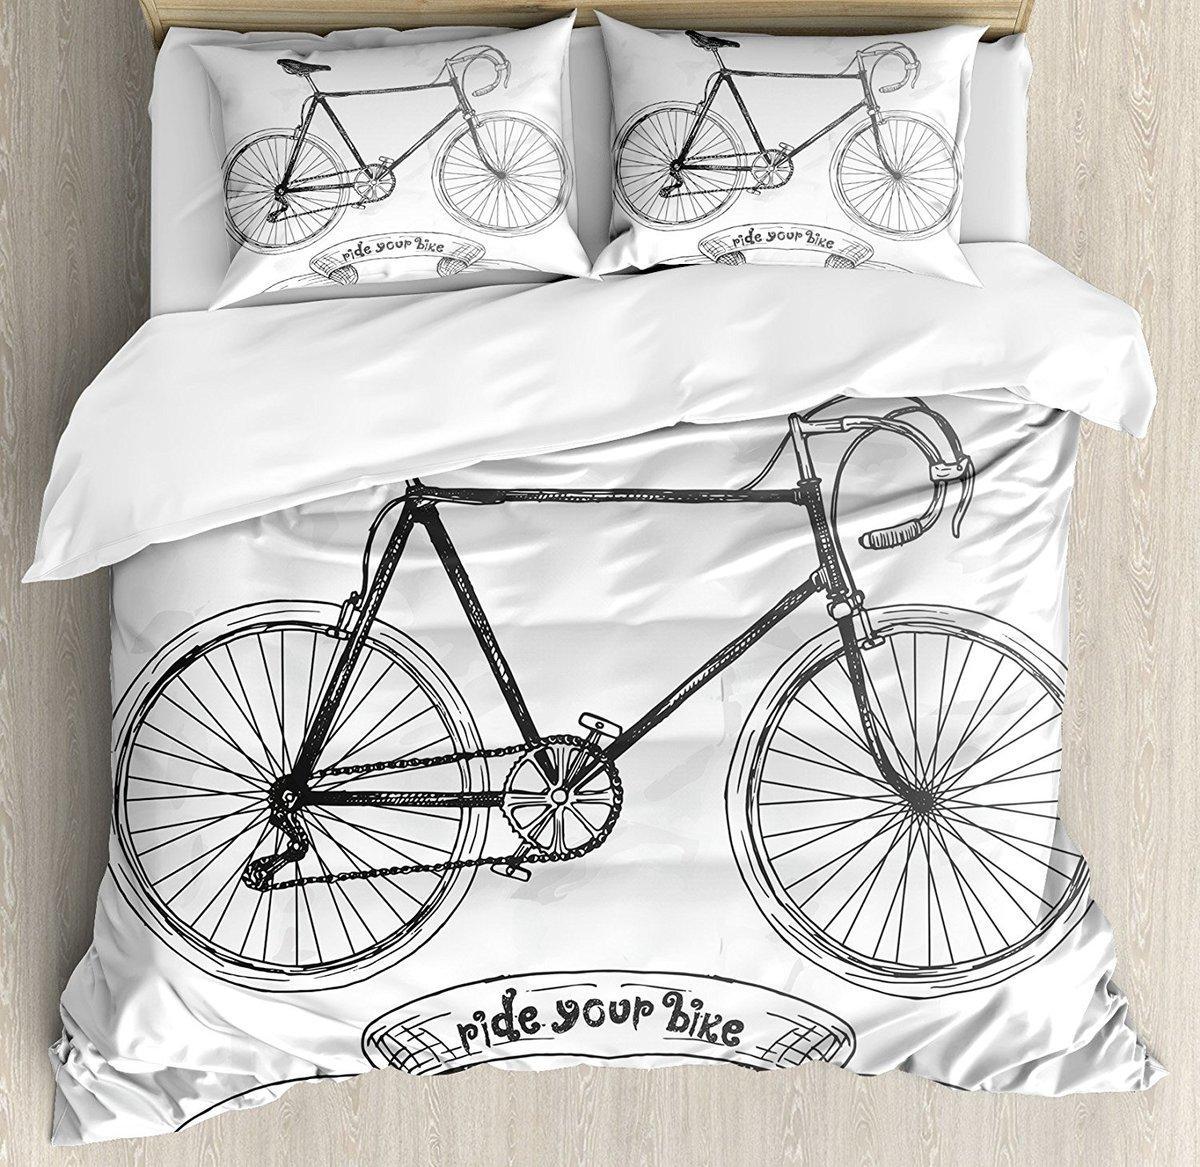 Ride Acheter Housse Ensemble Wpfozpq De Your Couette Bicyclette Bike qXR450wn